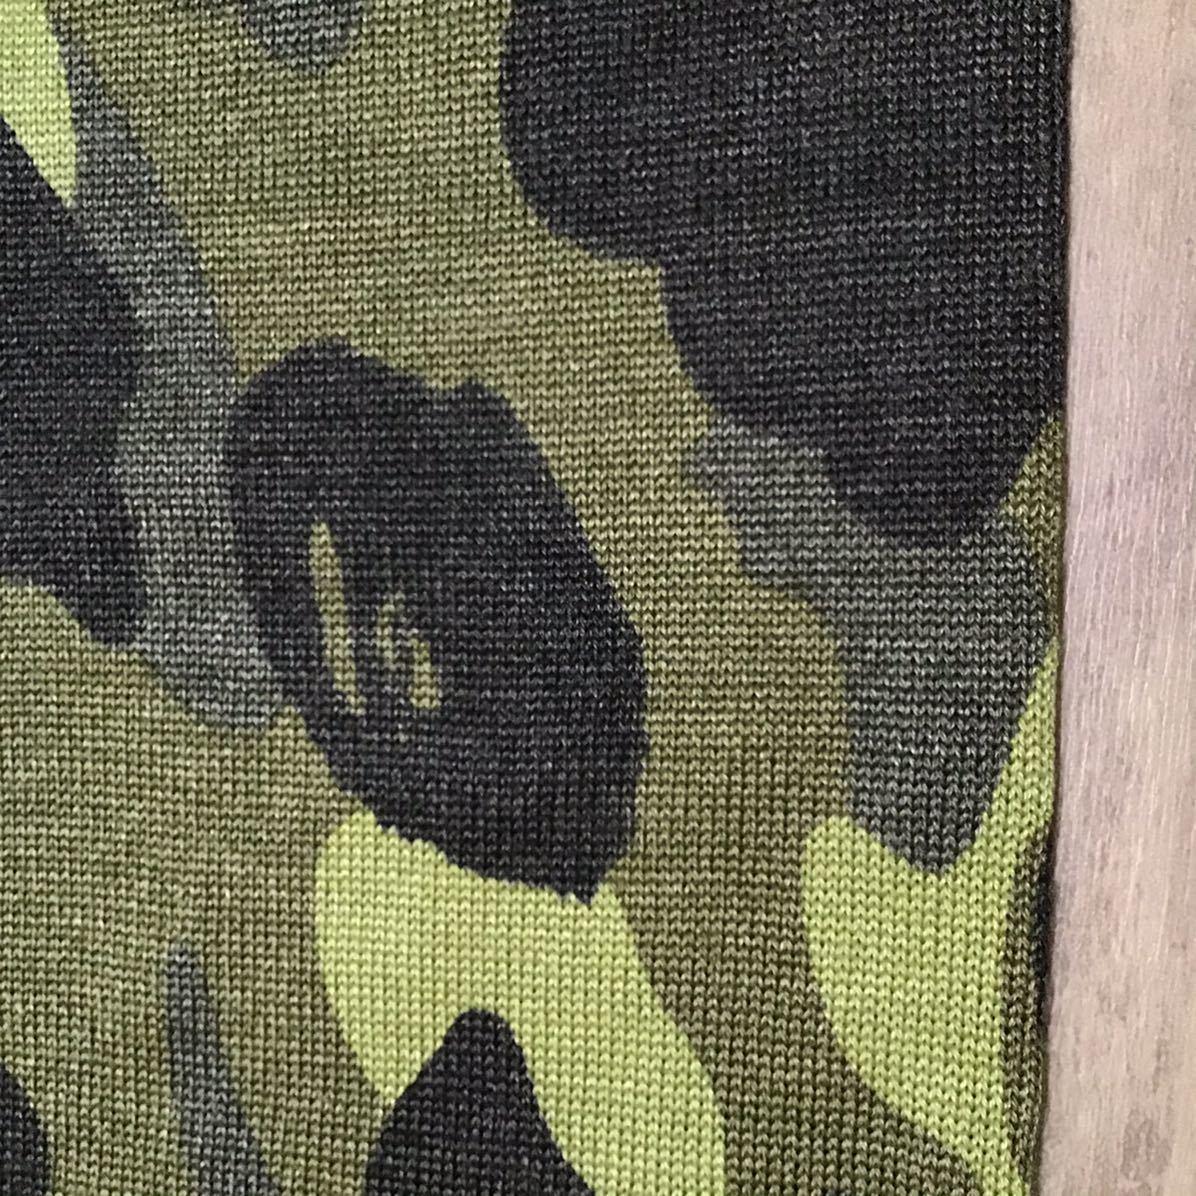 ニット マフラー green camo a bathing ape bape エイプ ベイプ アベイシングエイプ ストール 迷彩 カモフラ knit 5280